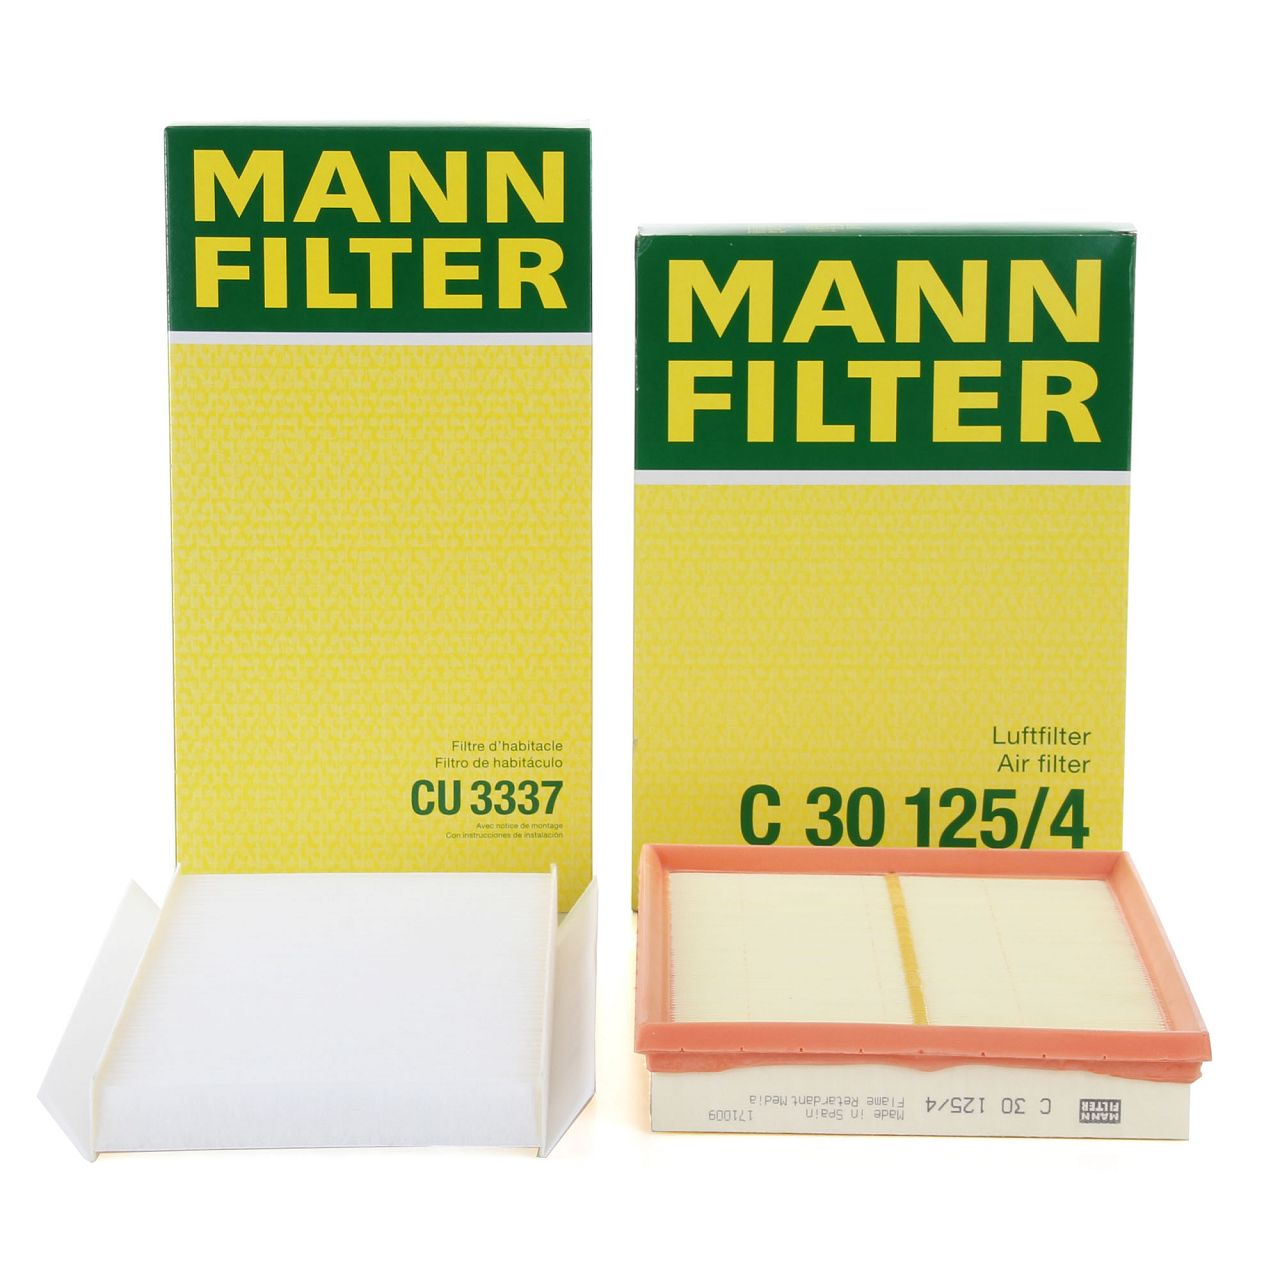 MANN Filterset für OPEL COMBO 1.4 1.6 1.7D CORSA C 1.0-1.8 1.7D TIGRA B 1.4 1.8